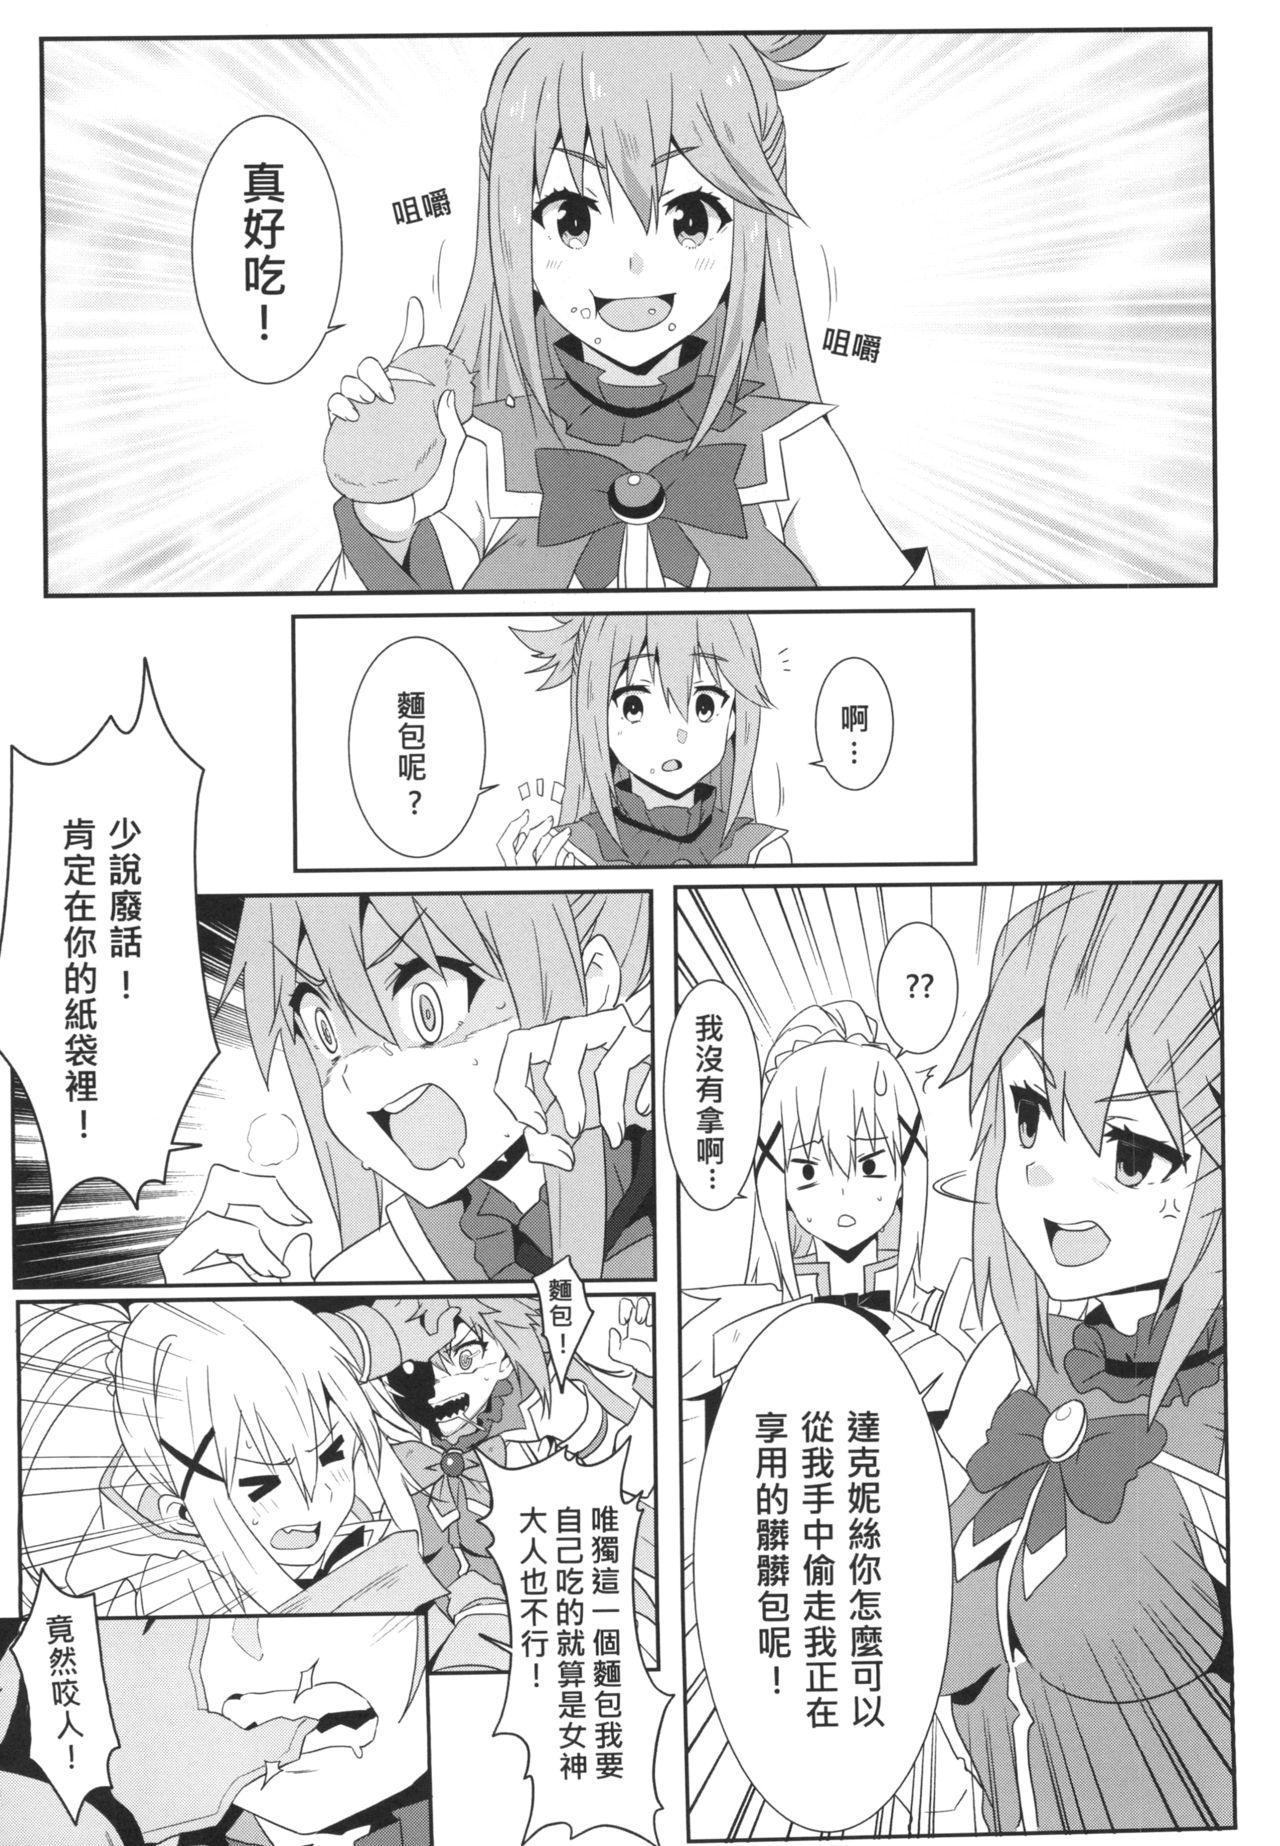 Megumin ni Kareina Shasei o! 4 | 為惠惠獻上華麗的爆射4! 7